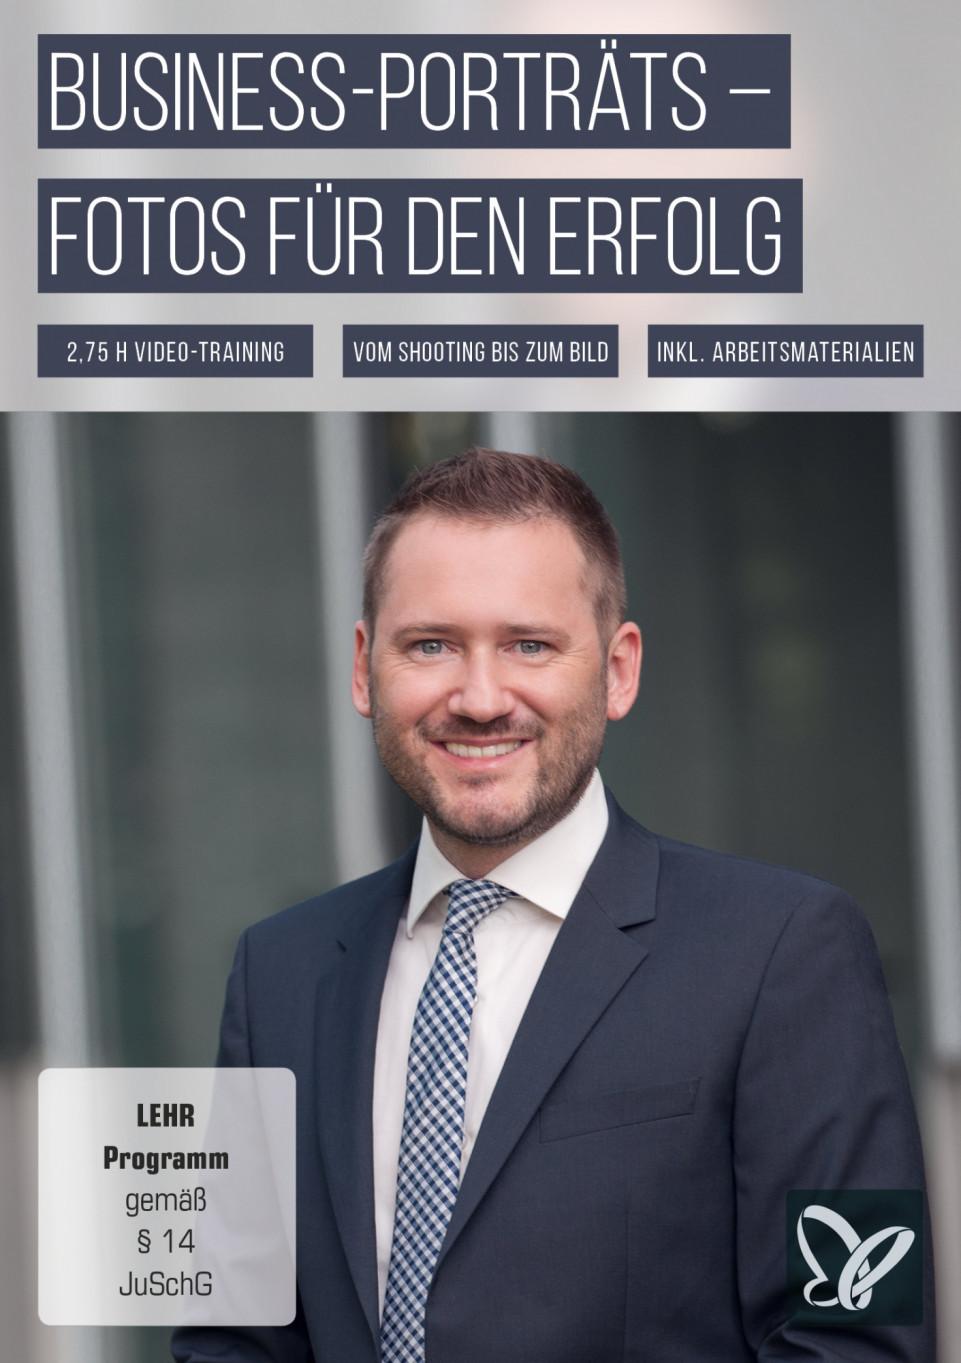 Business-Porträts – der Foto-Workflow für Karriere und Erfolg